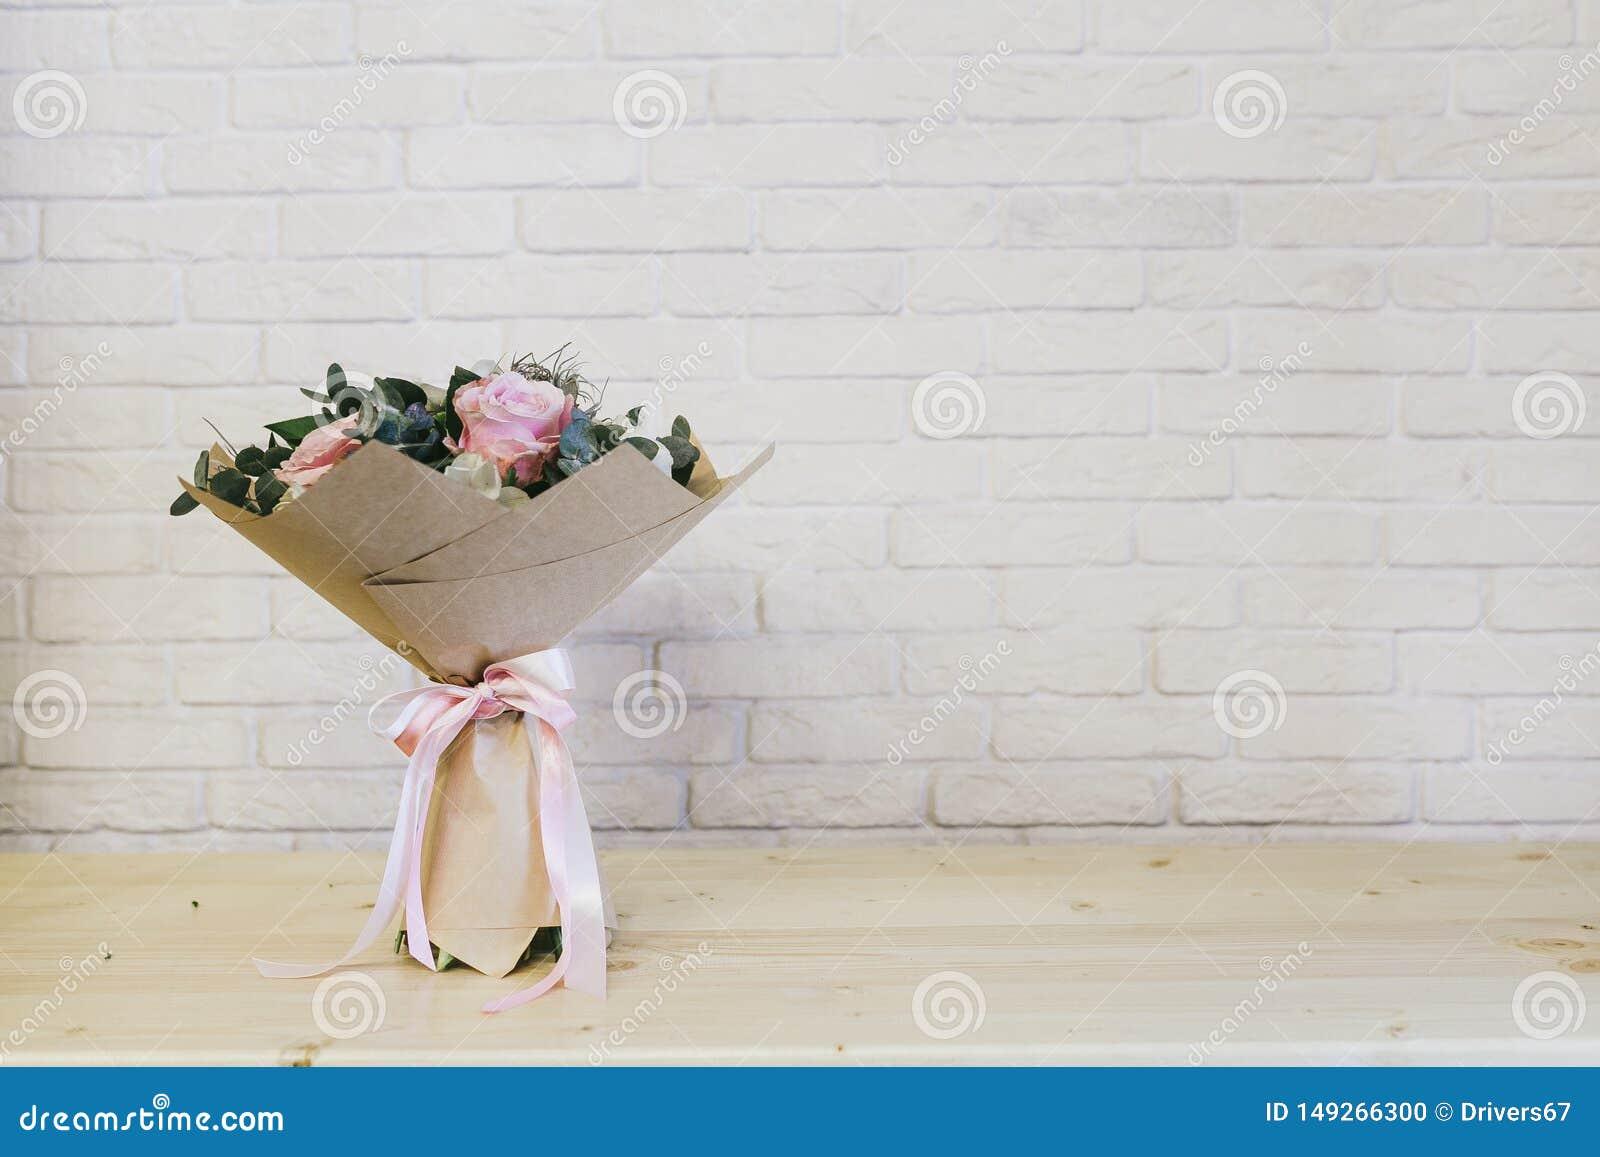 Delikatny pi?kny bukiet kwiaty zamkni?ci w g?r?